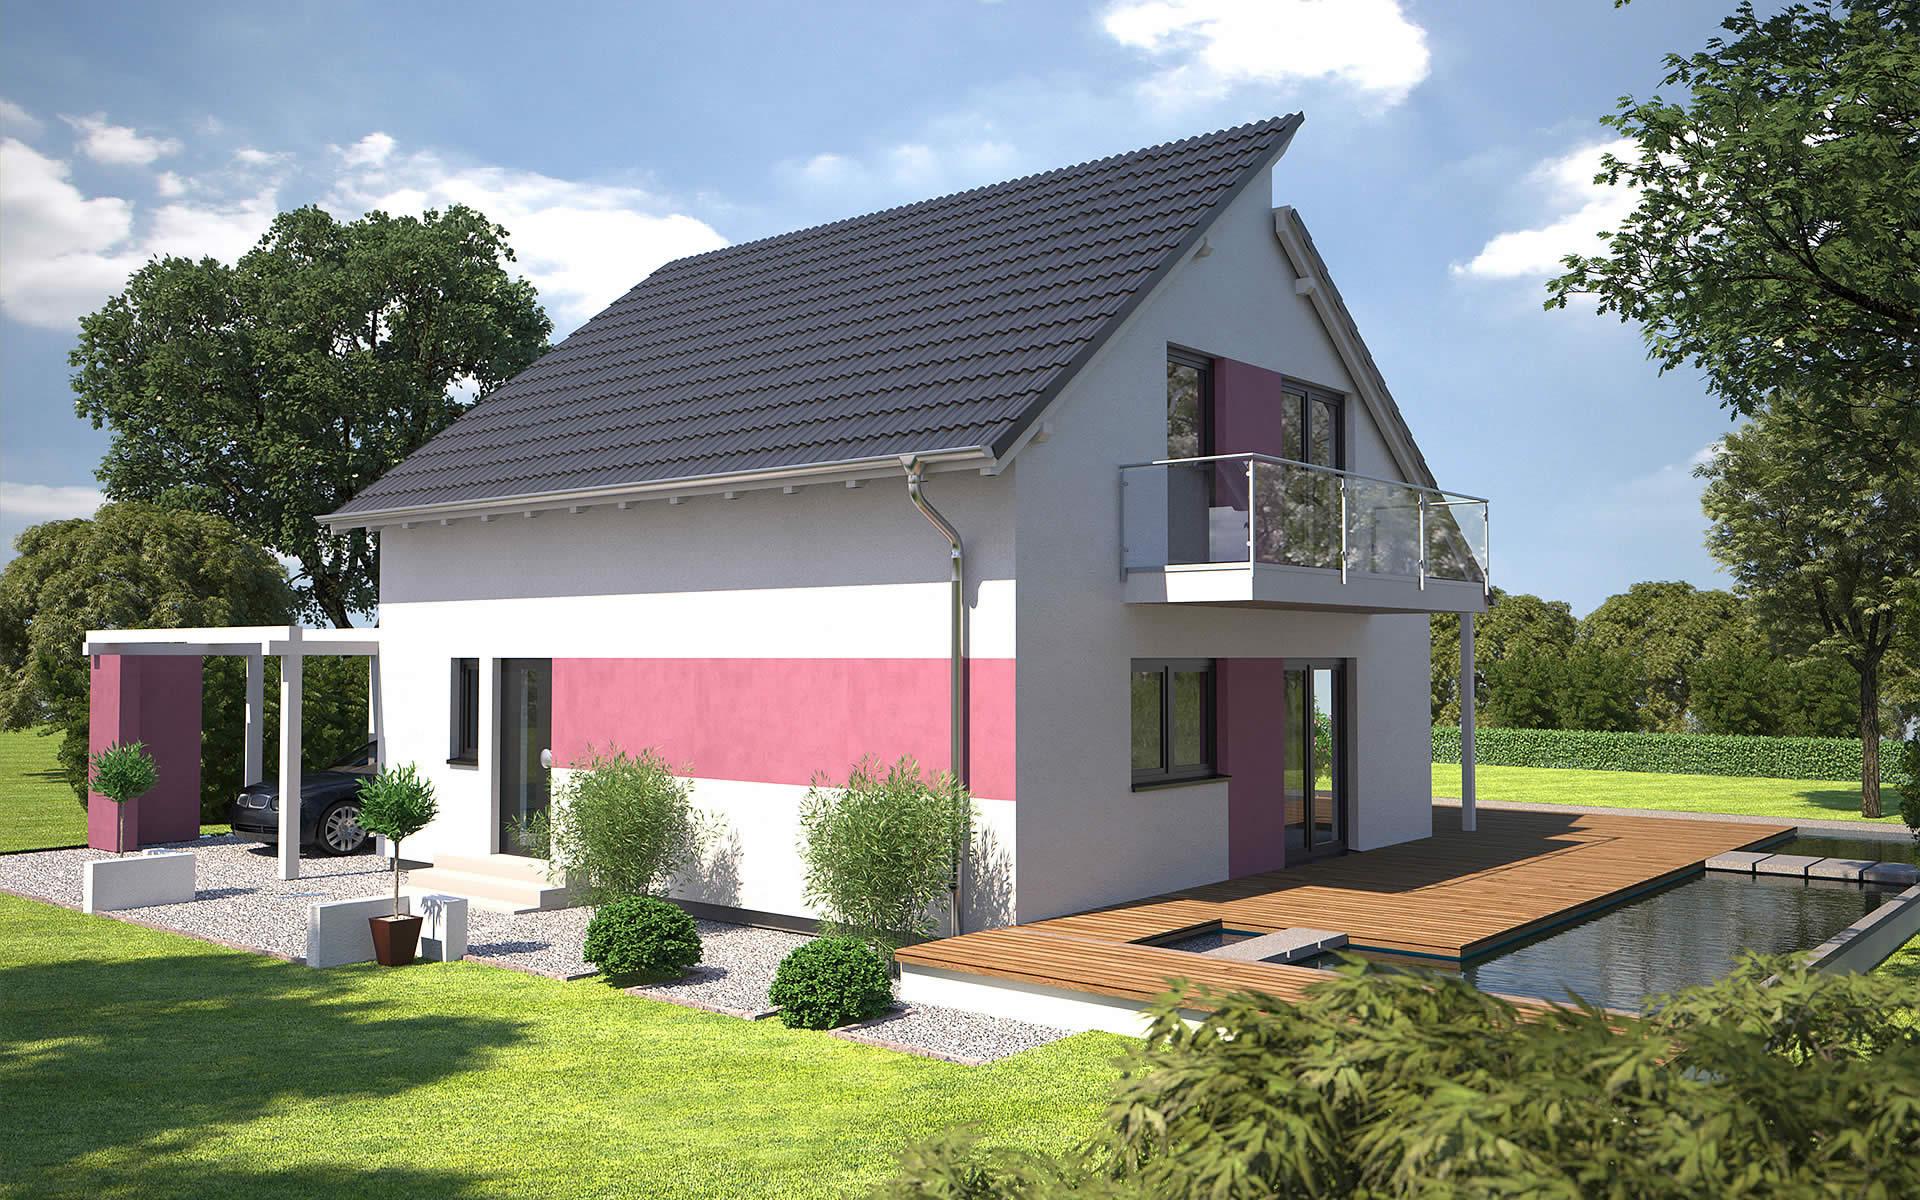 Esprit 125 von Bärenhaus - das fertige Haus GmbH